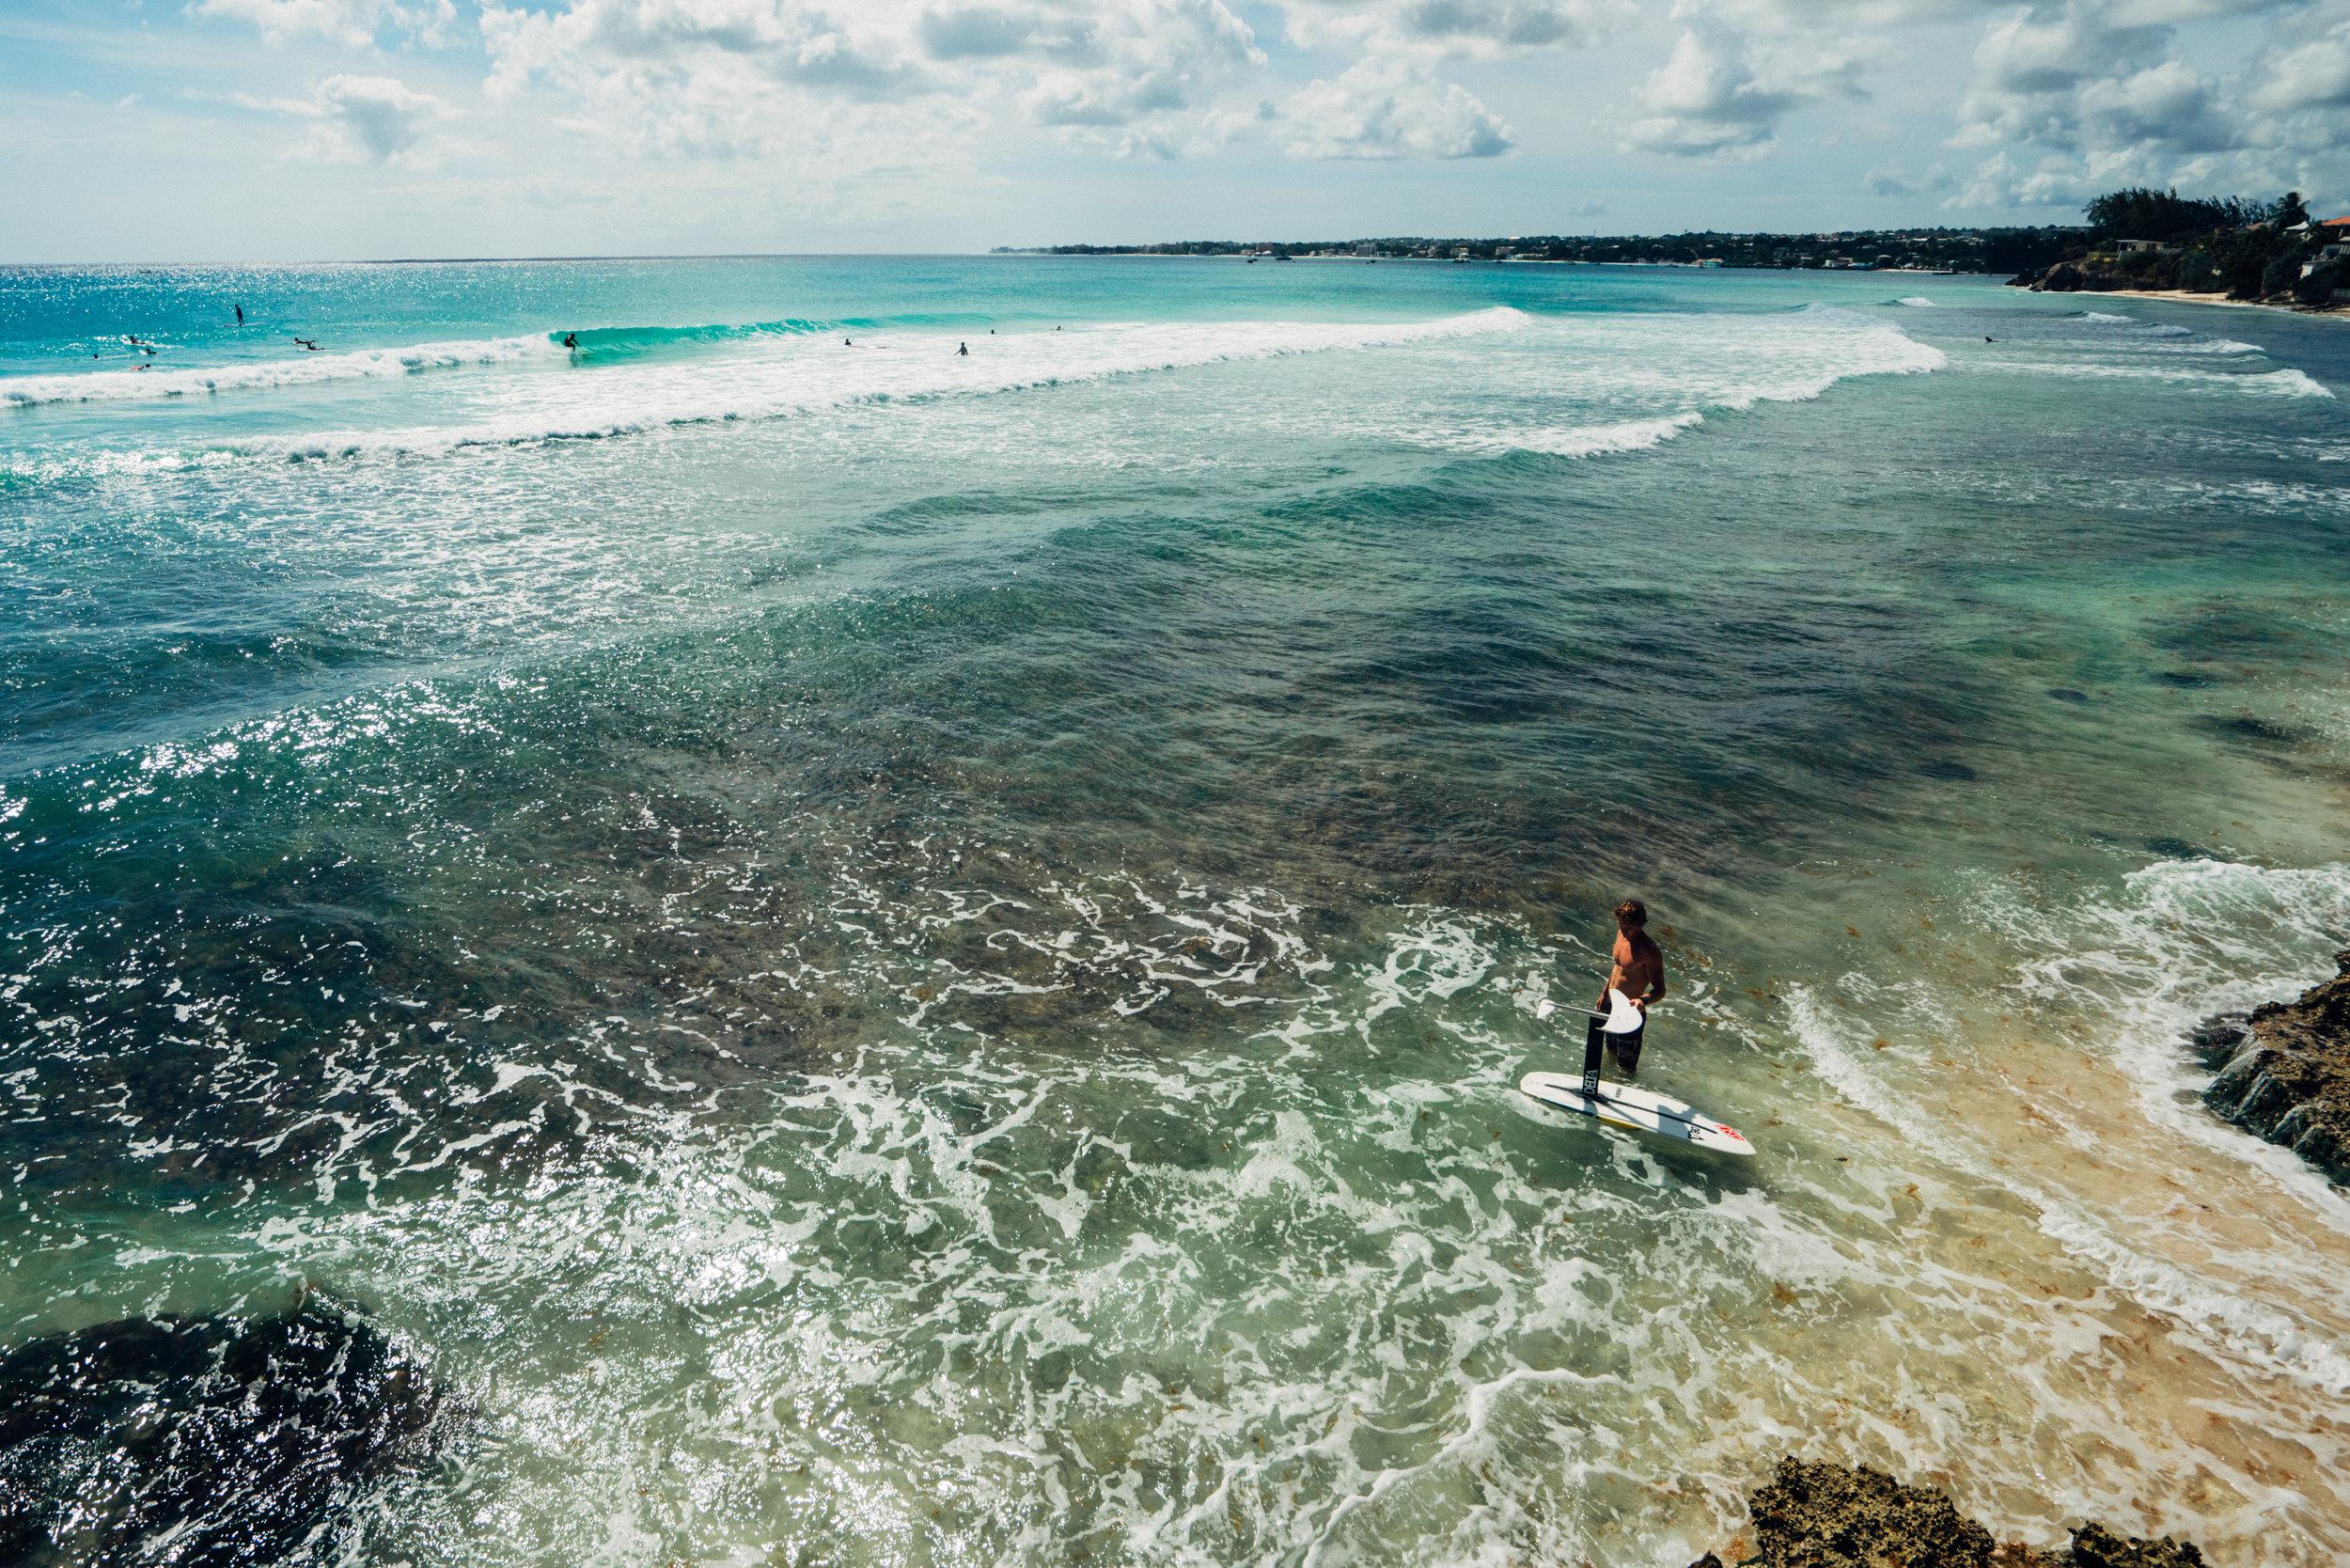 Drone shot of Foil Surfer